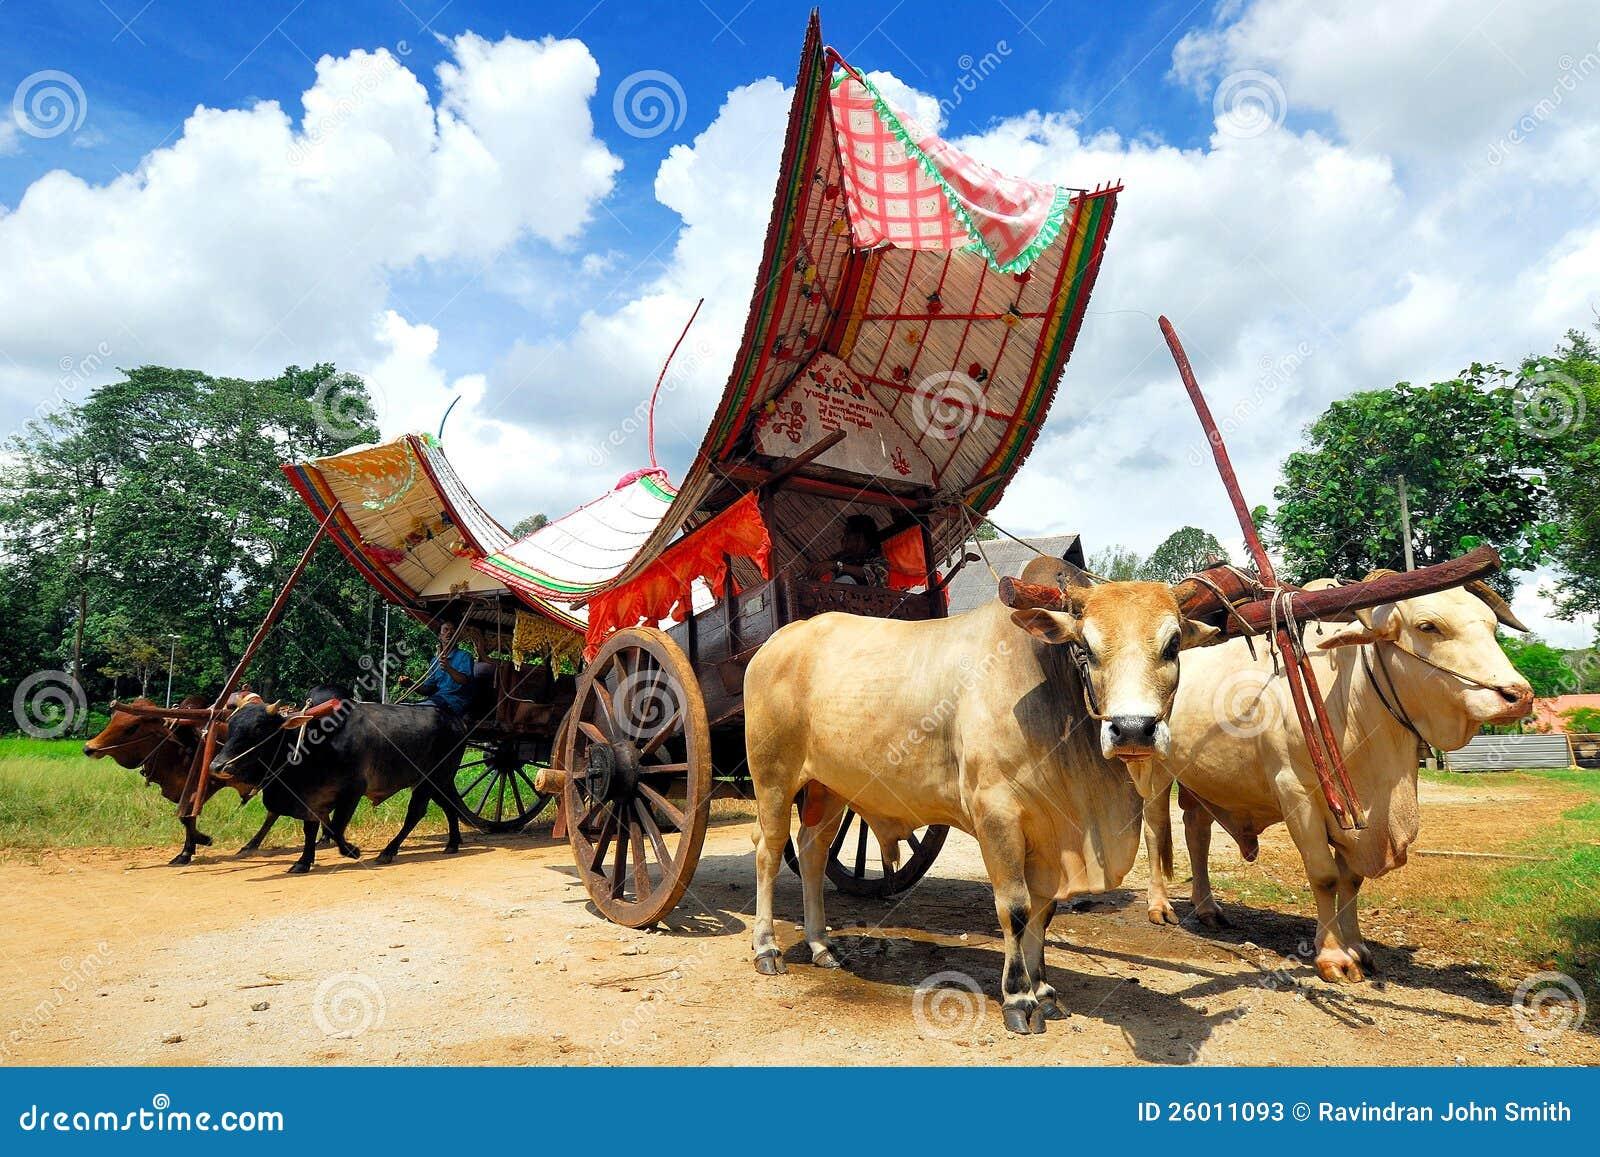 Cow Cart Clipart Malacca Bullock Cart Stock